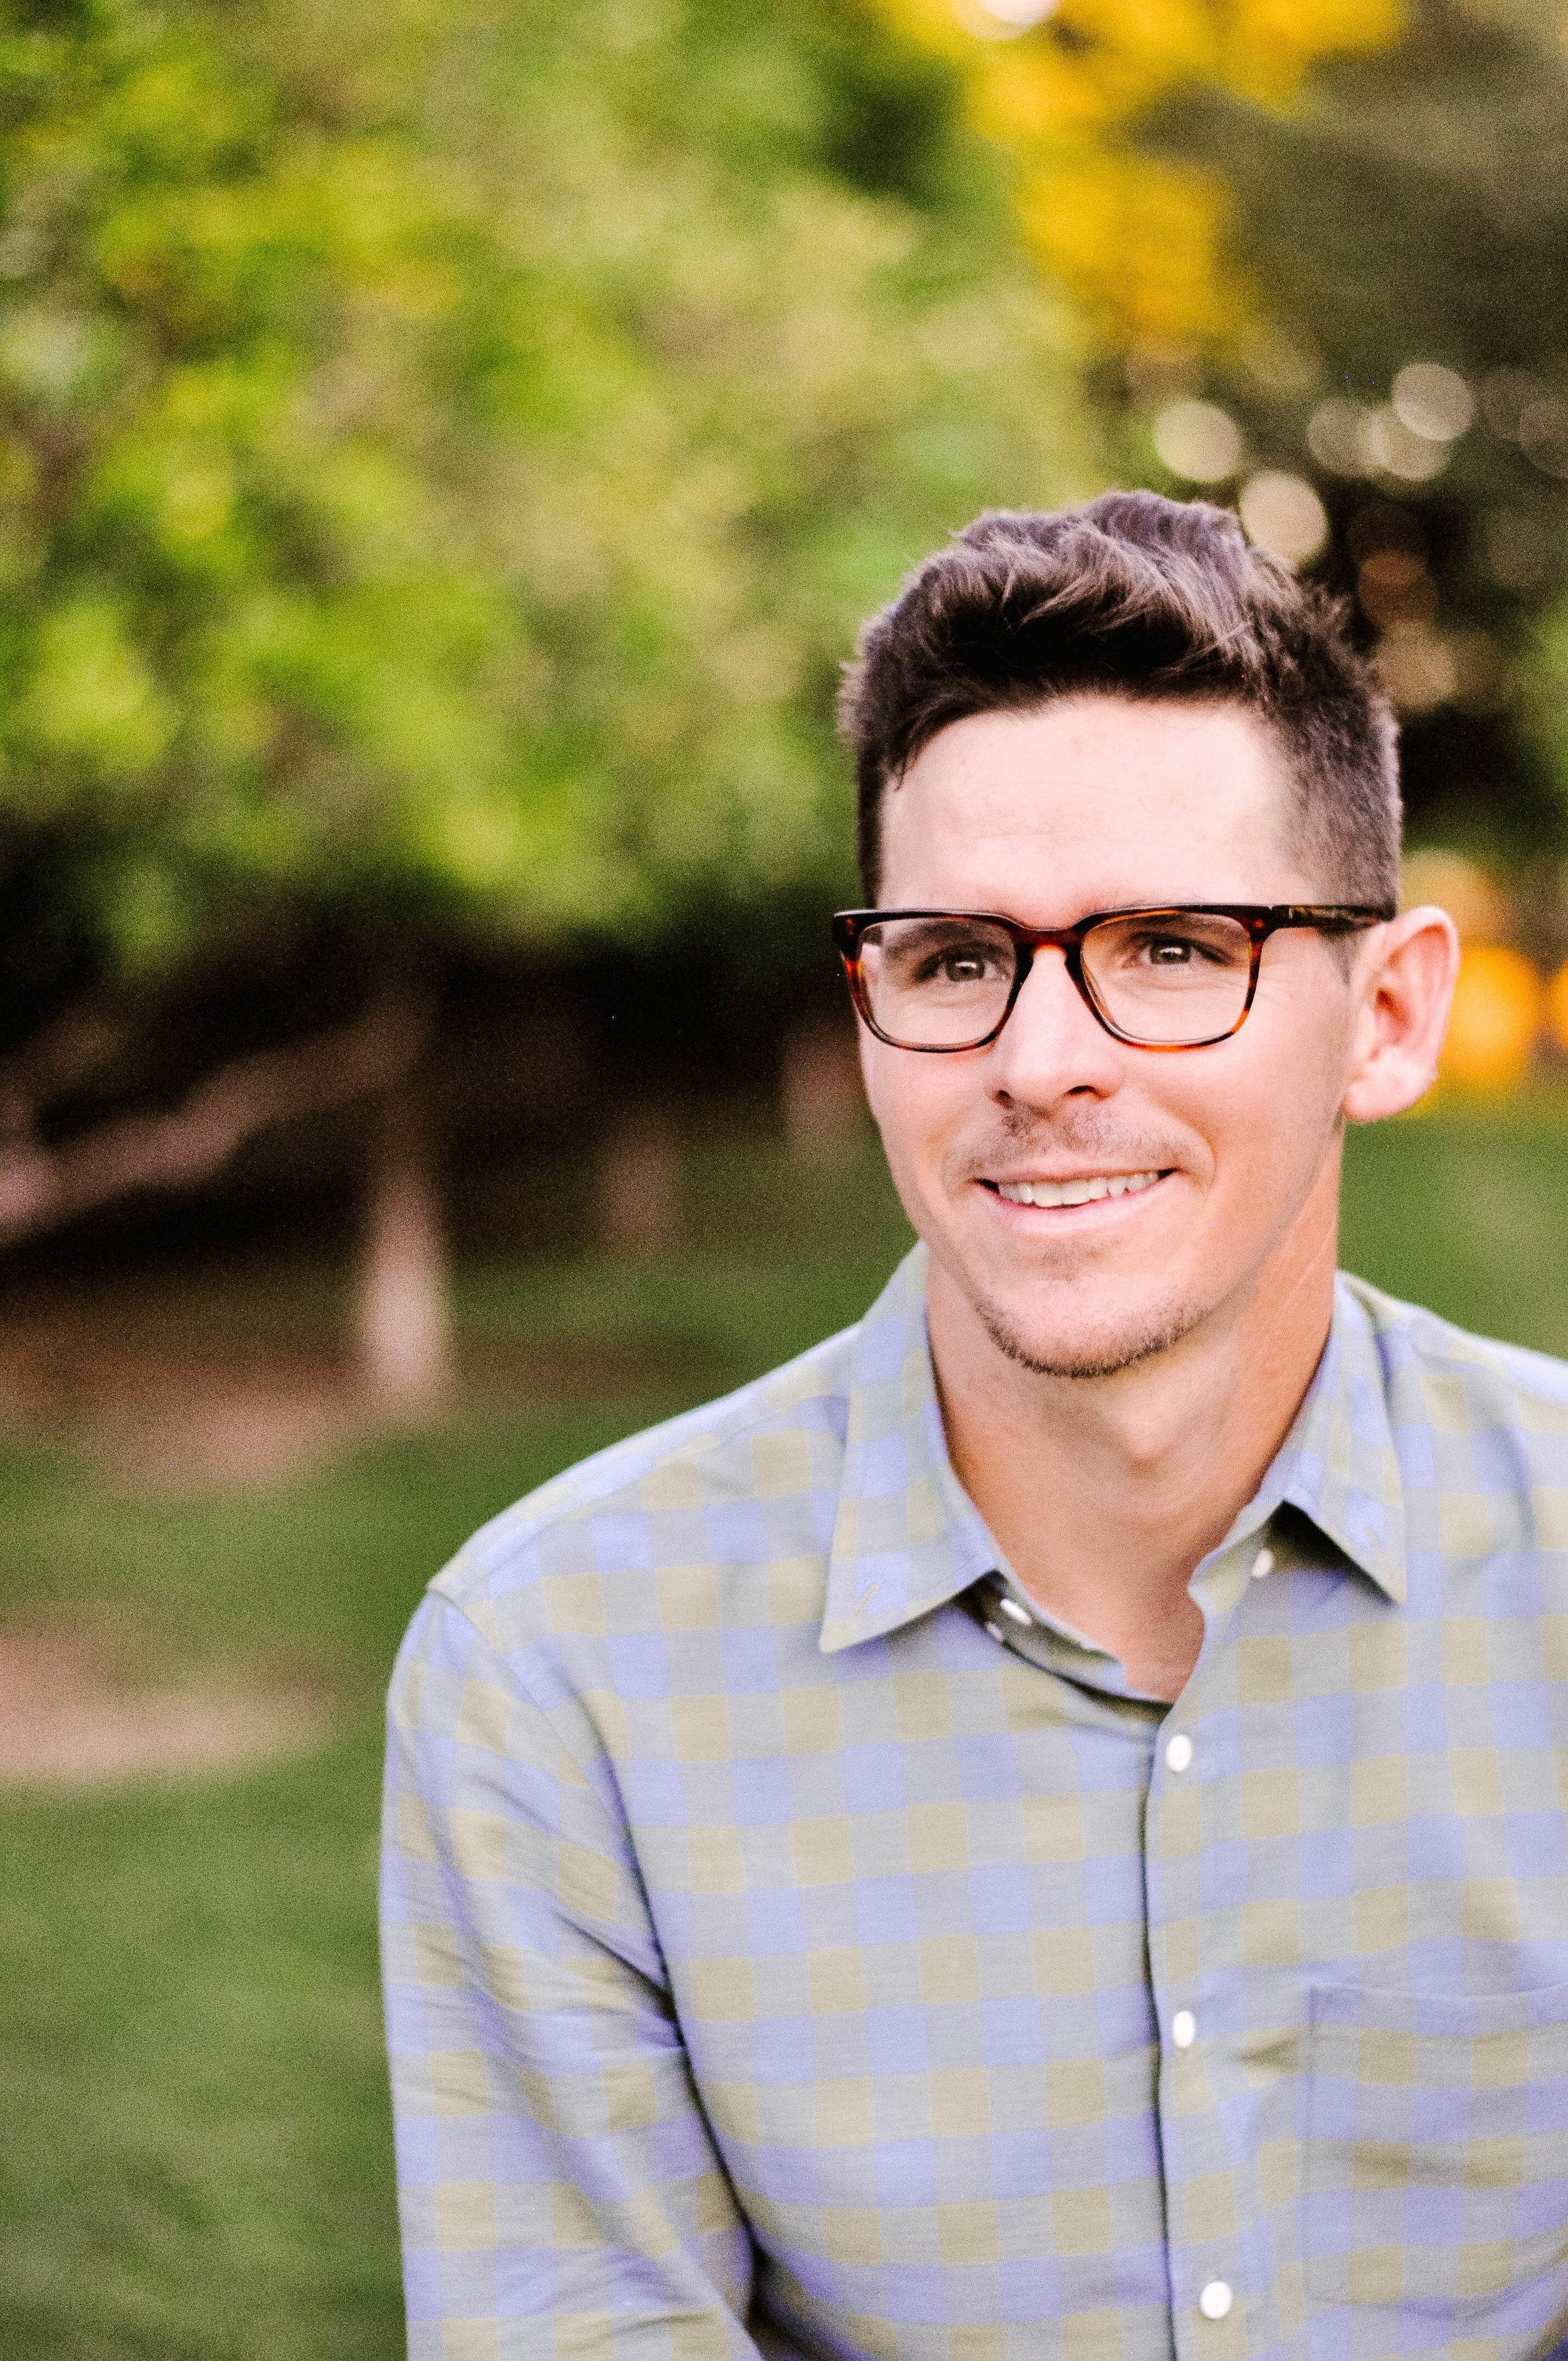 Mens Warby Parker Burke Glasses, Mens J.Crew Shirt